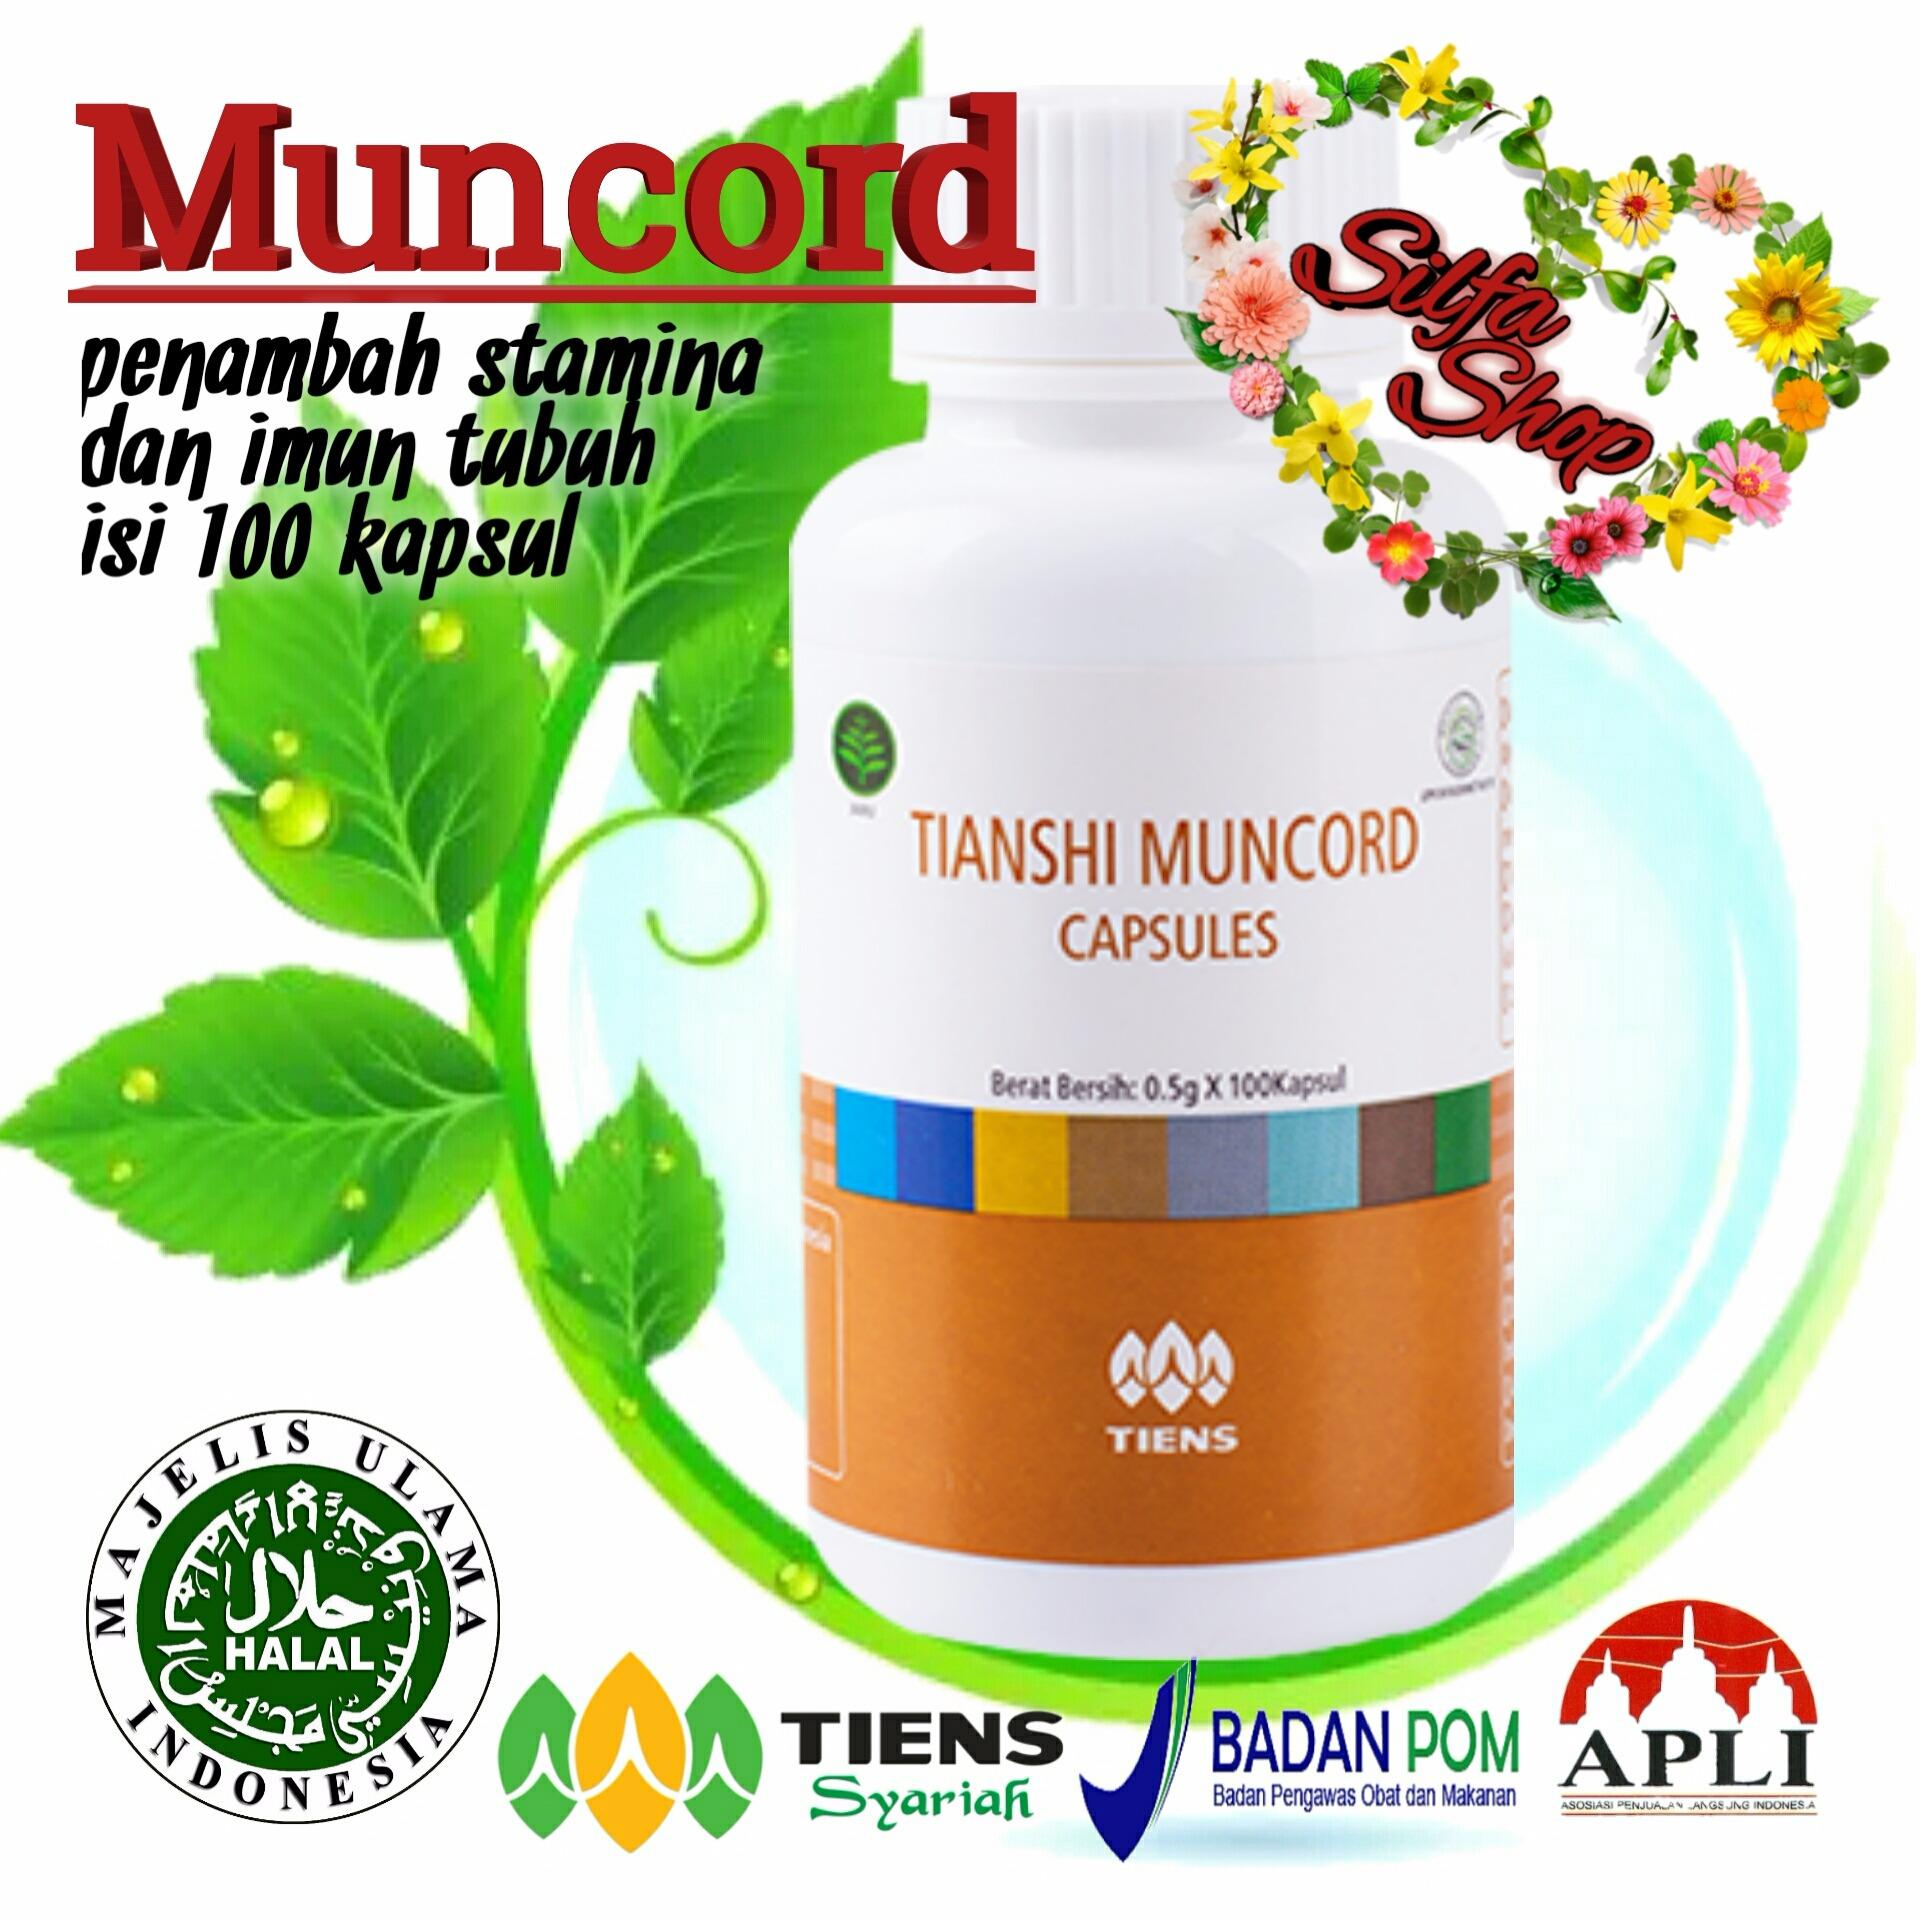 Tiens Muncord Meningkatkan imun tubuh serta penjaga kesehatan jantung 100% herbal alami by silfa shop